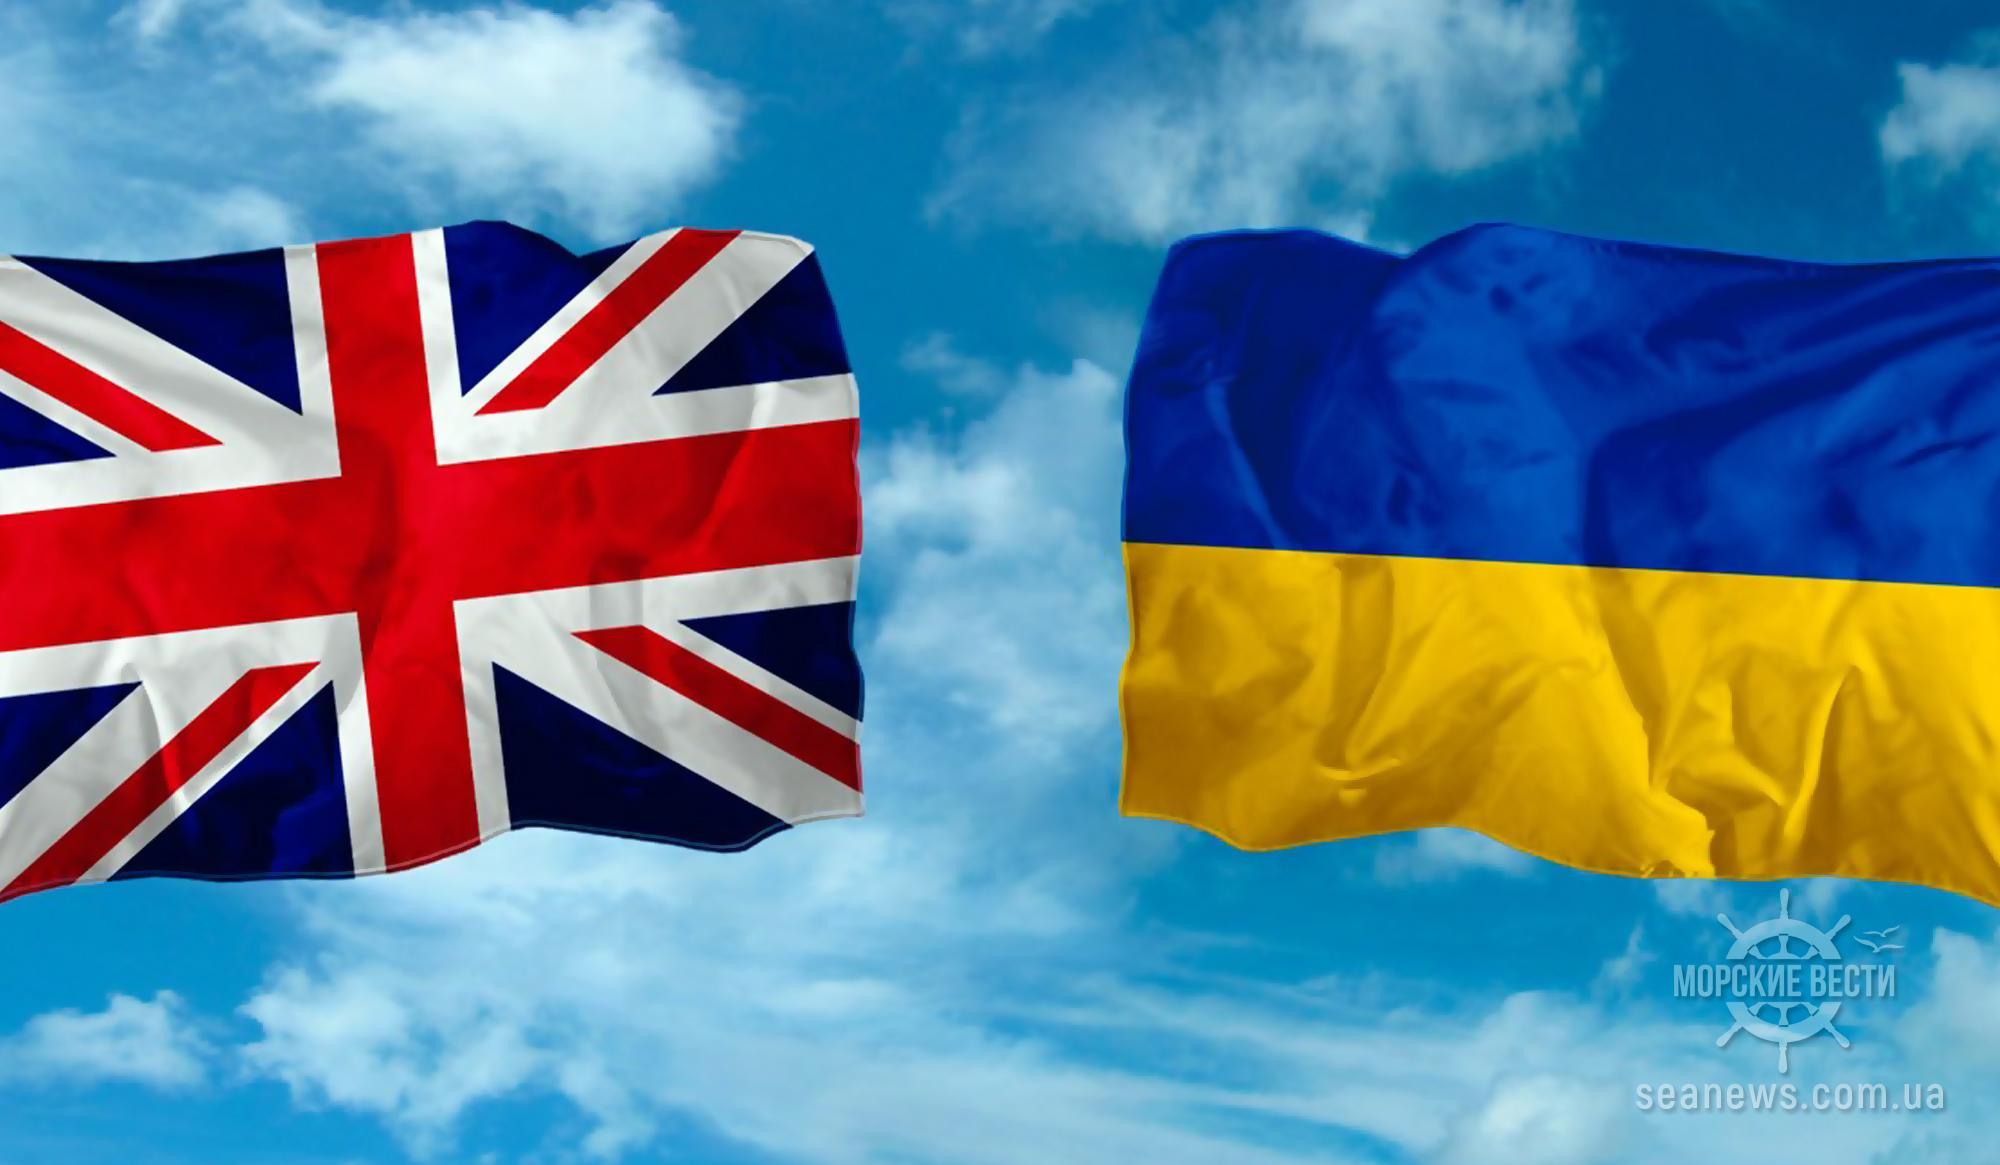 Украина и Британия проведут военные учения в Черном море